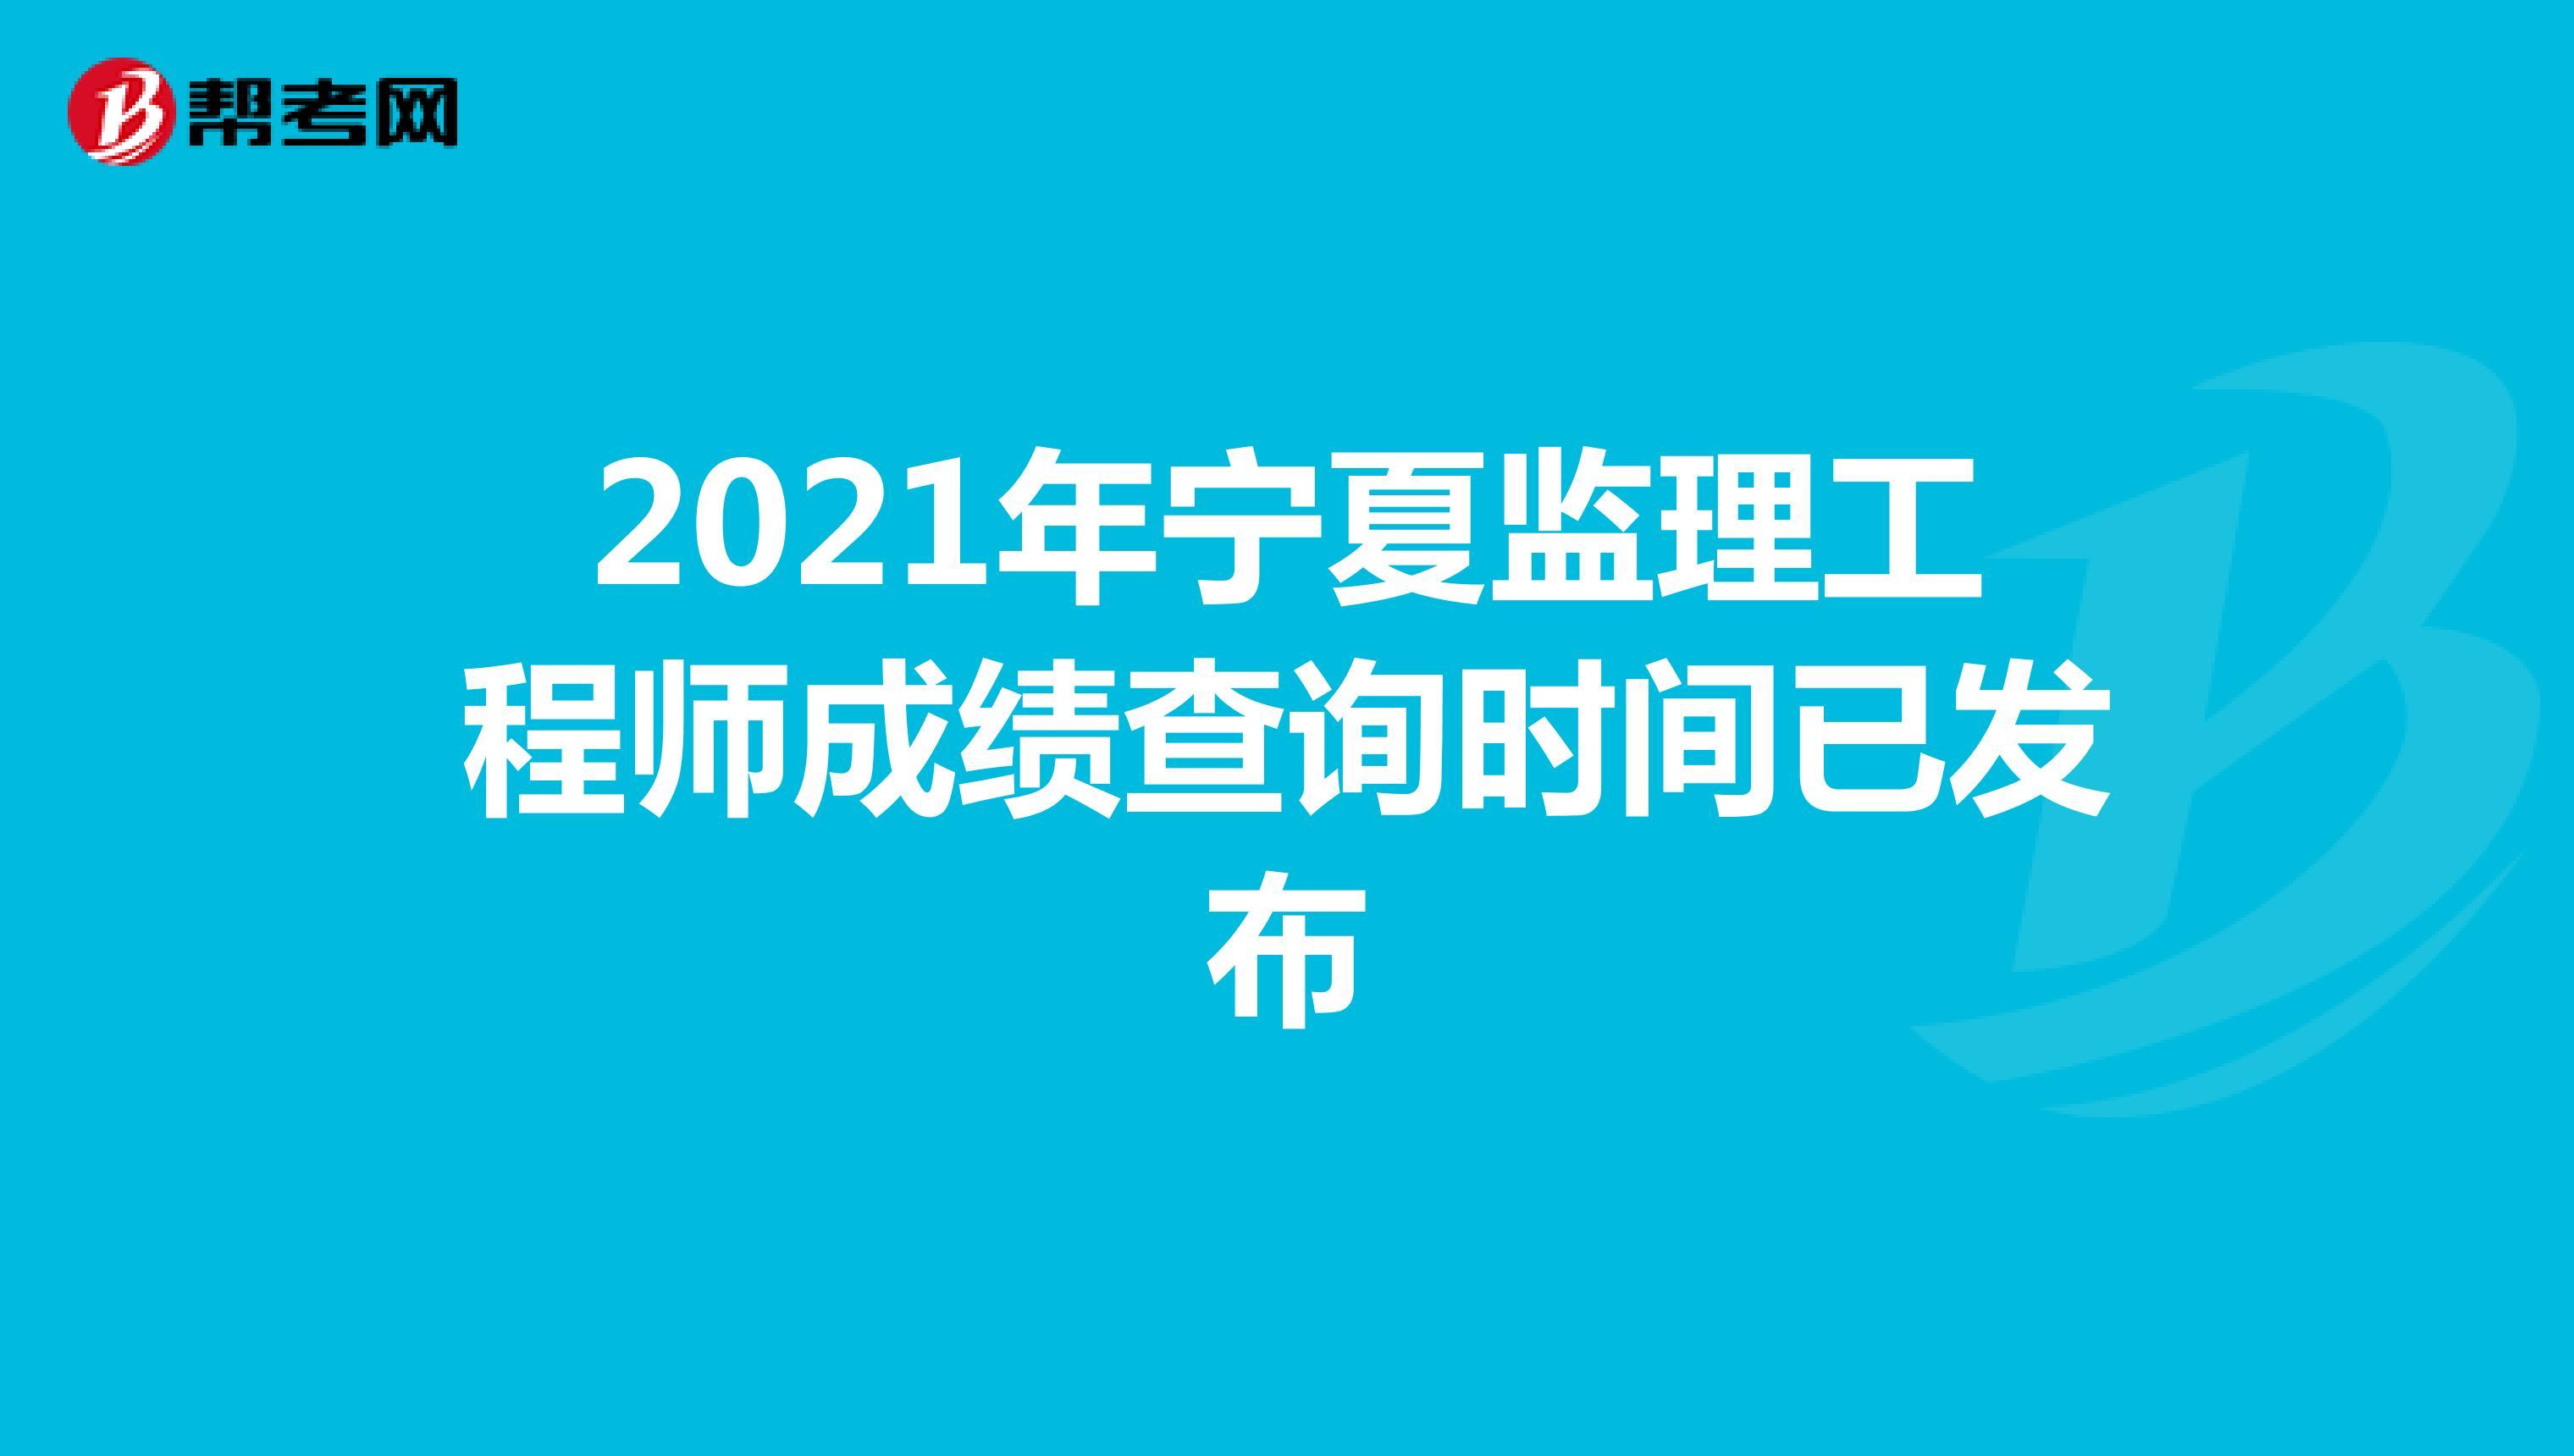 2021年宁夏监理工程师成绩查询时间已发布